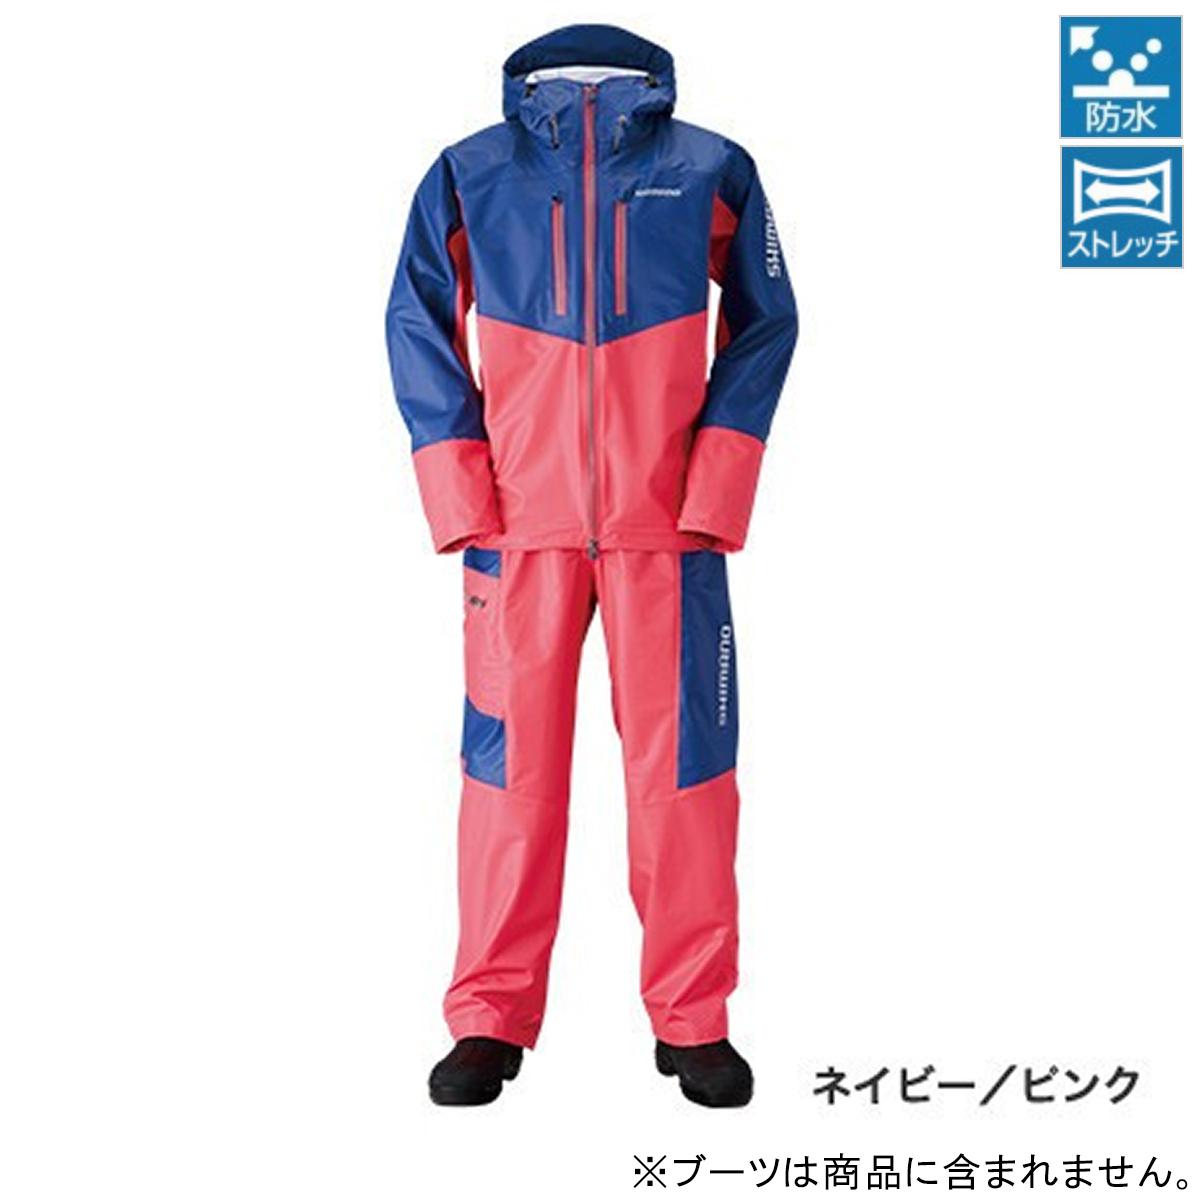 シマノ マリンライトスーツ RA-034N 2XL ネイビー/ピンク